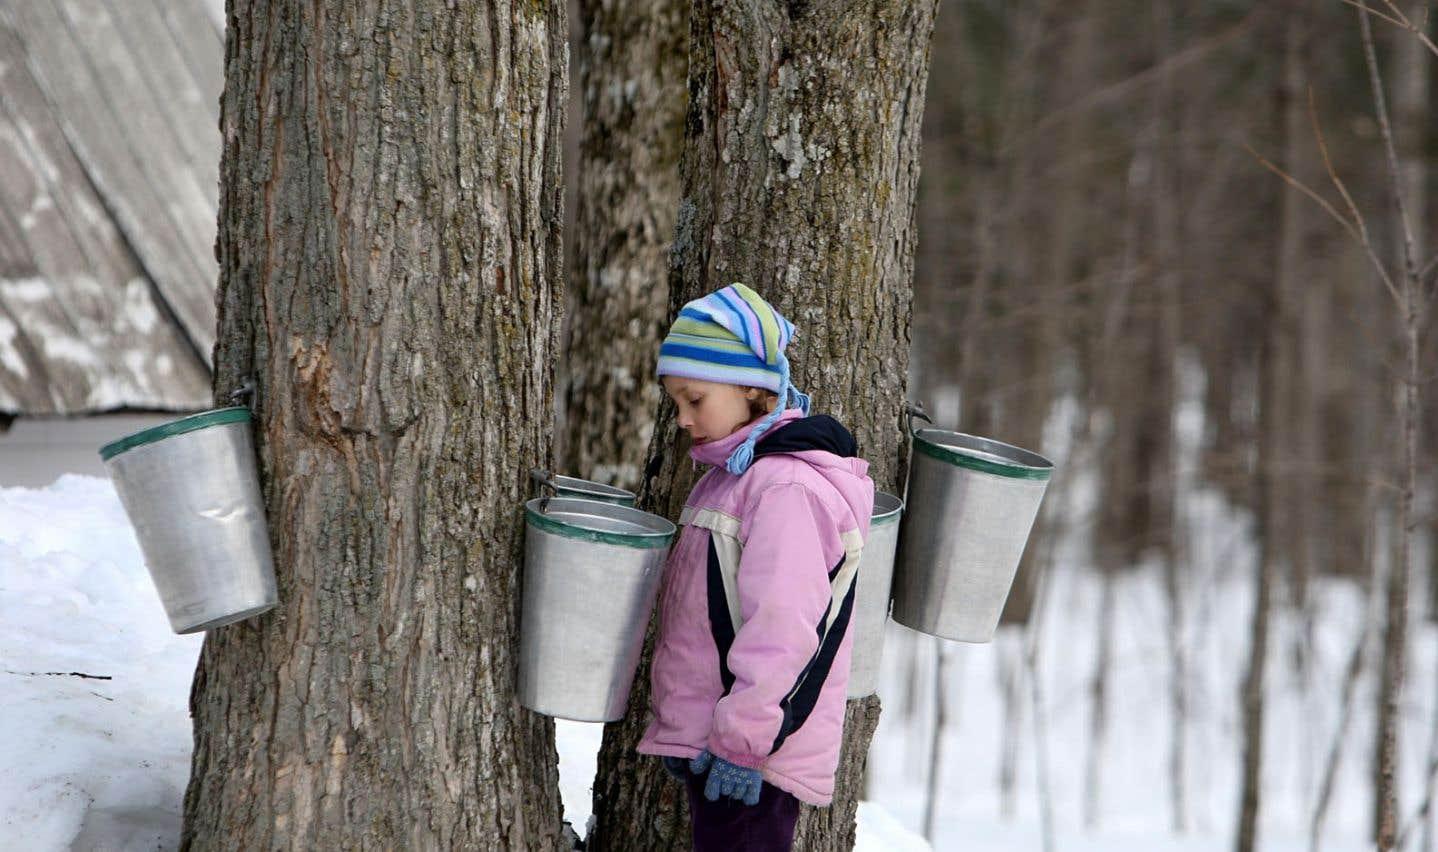 Le temps des sucres crée une magie propre au Québec, qui possède 85% de la production mondiale de sirop d'érable.